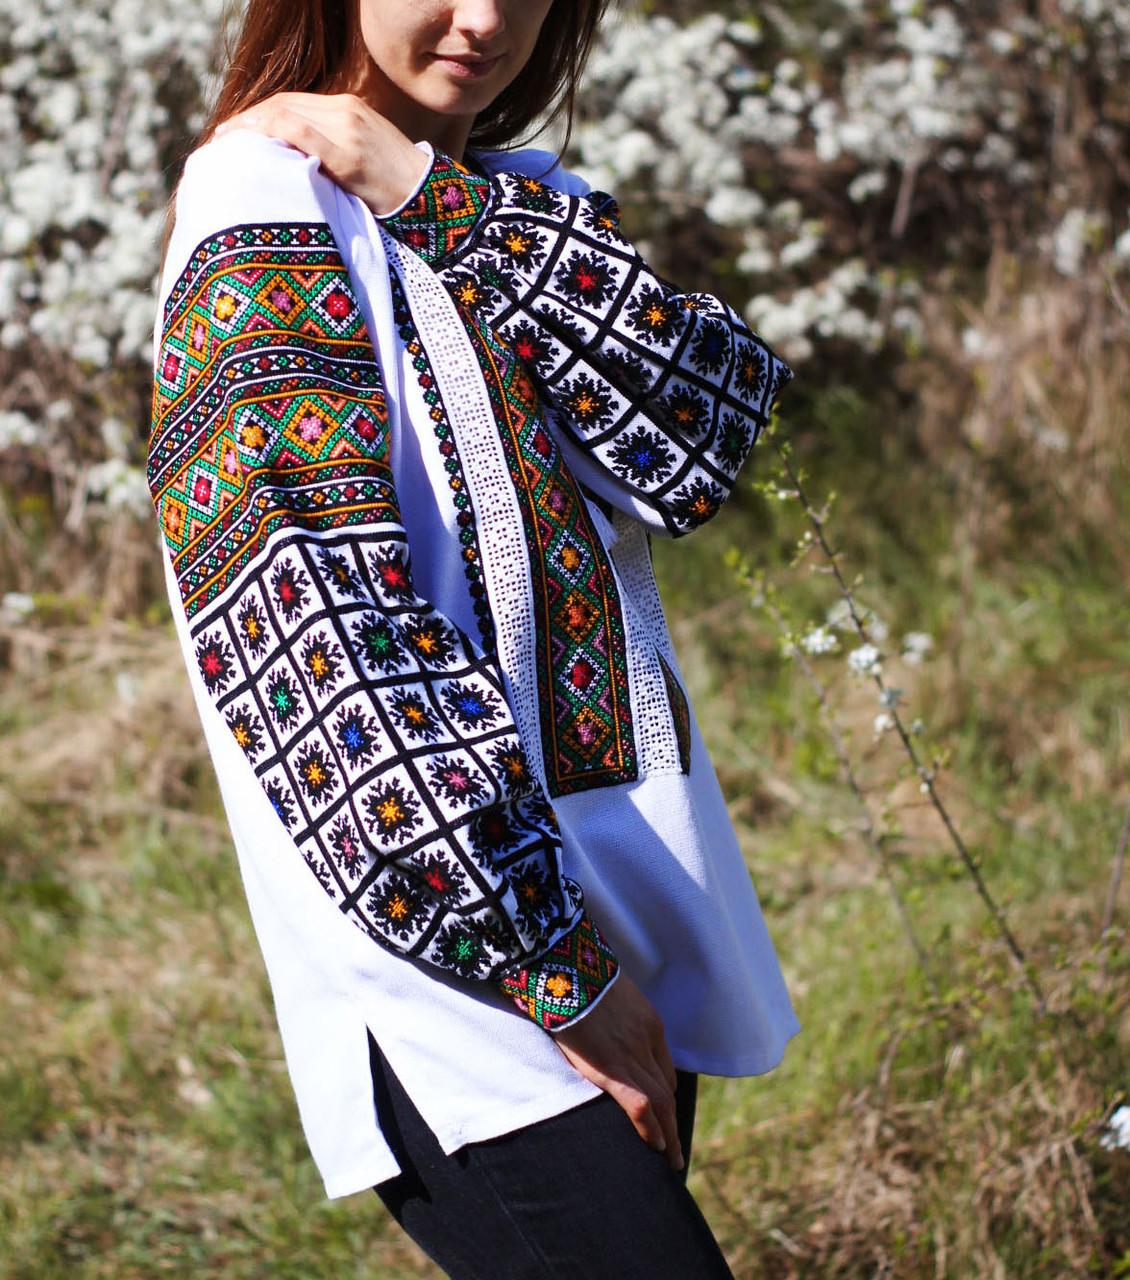 Жіноча вишиванка з гуцульським орнаментом ручної роботи  продажа ... 7d75b683b4815